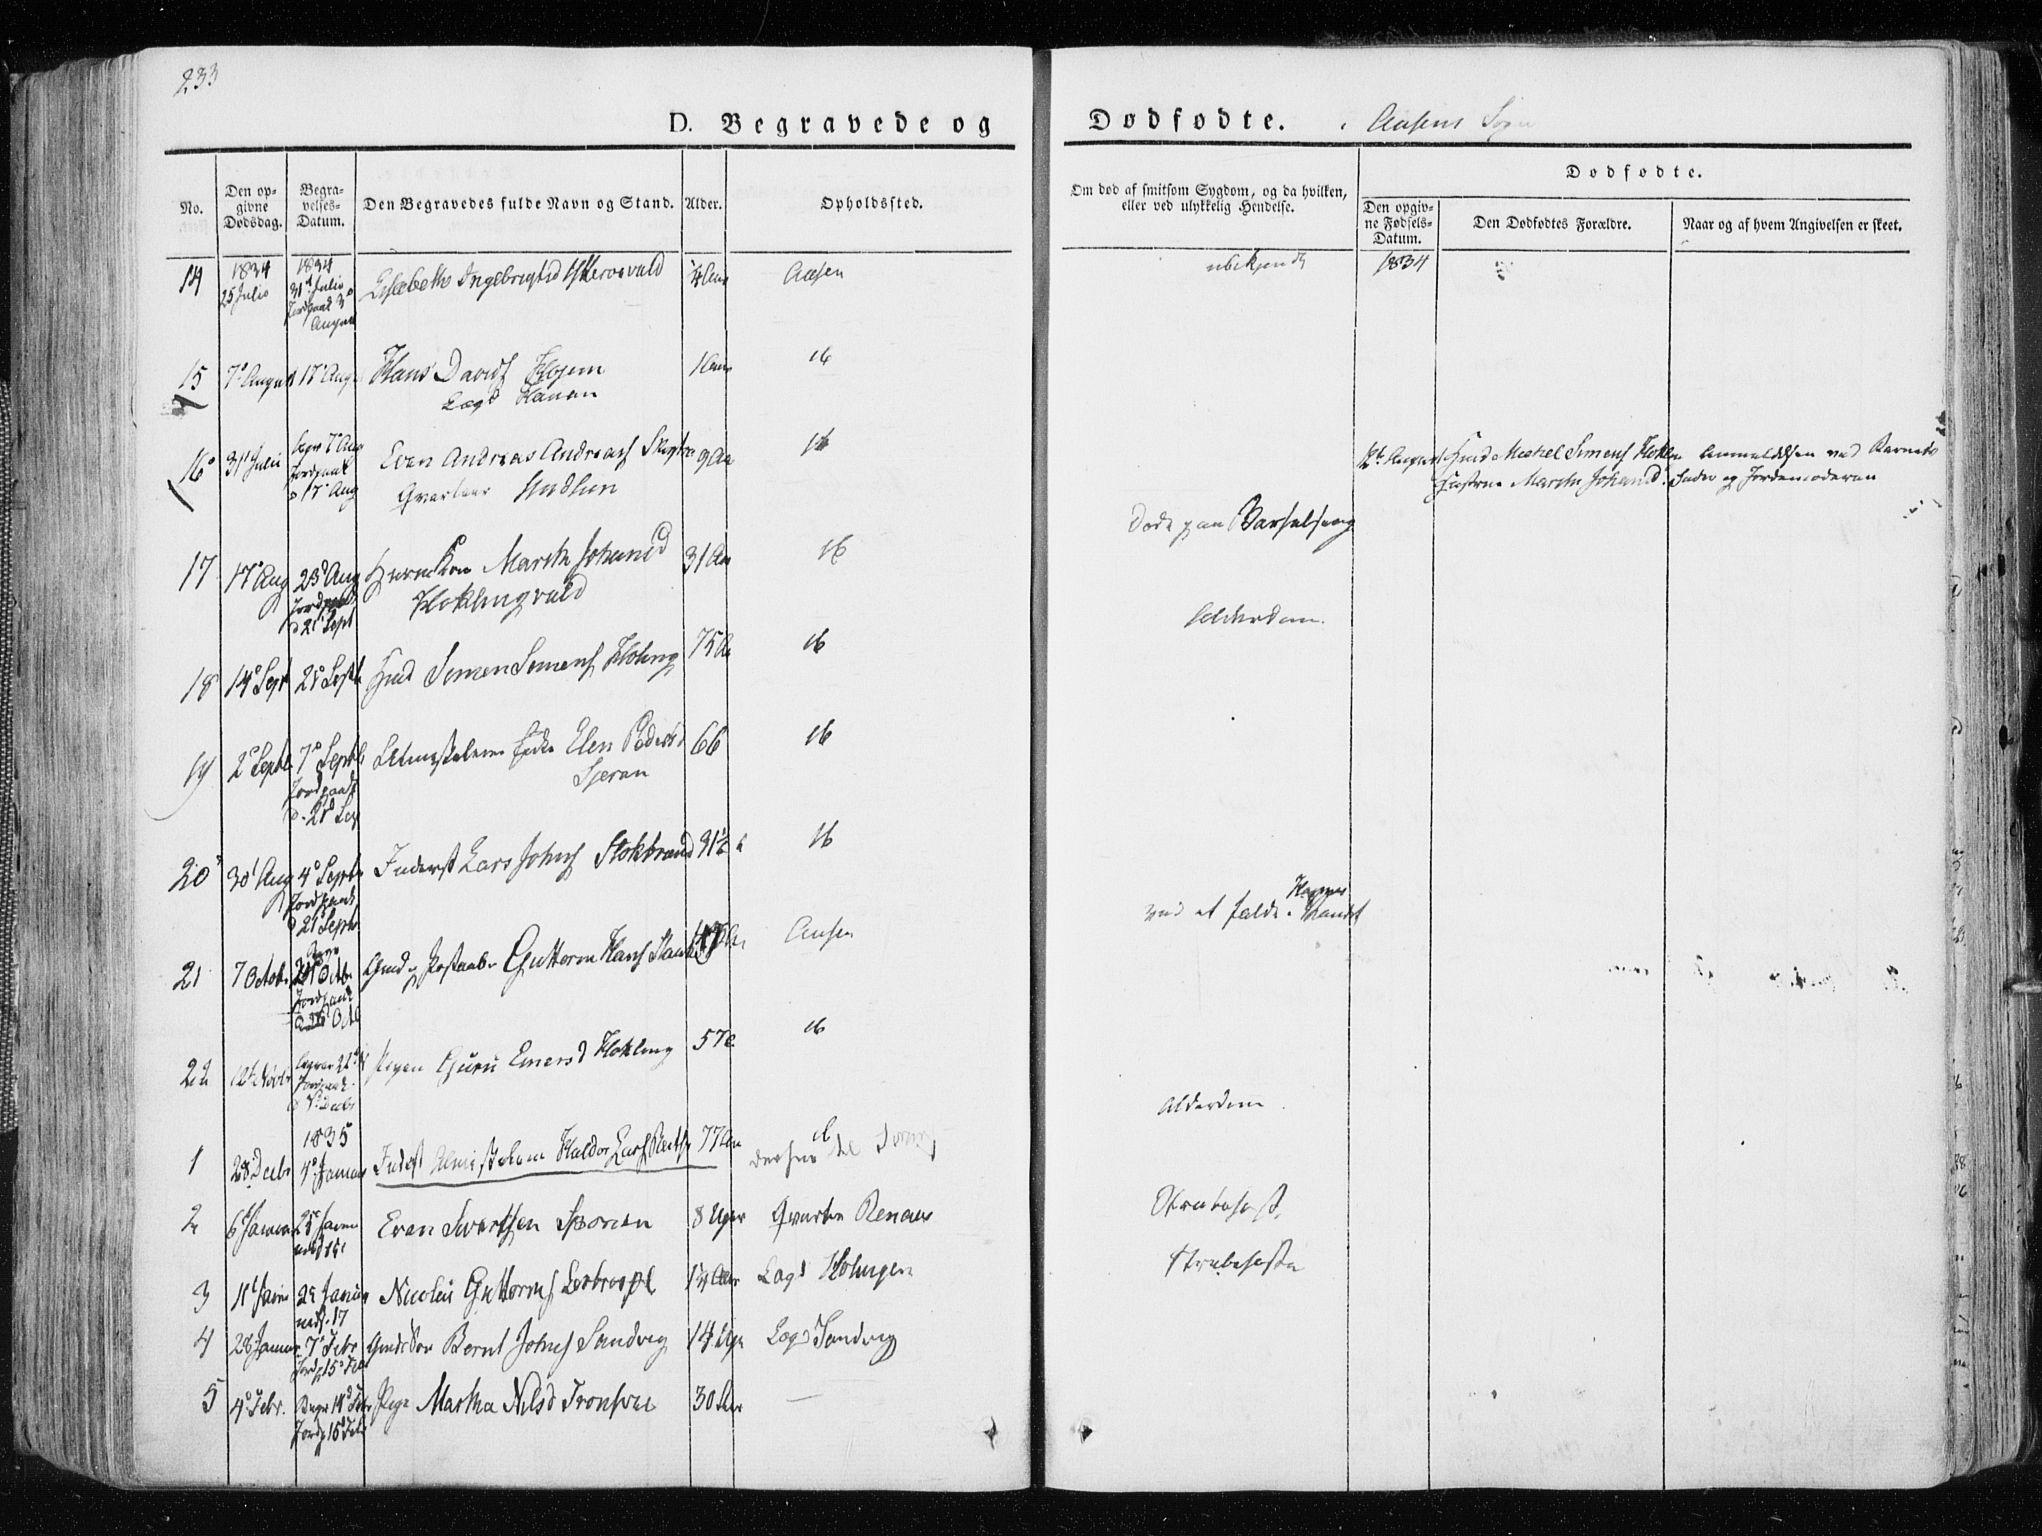 SAT, Ministerialprotokoller, klokkerbøker og fødselsregistre - Nord-Trøndelag, 713/L0114: Ministerialbok nr. 713A05, 1827-1839, s. 233